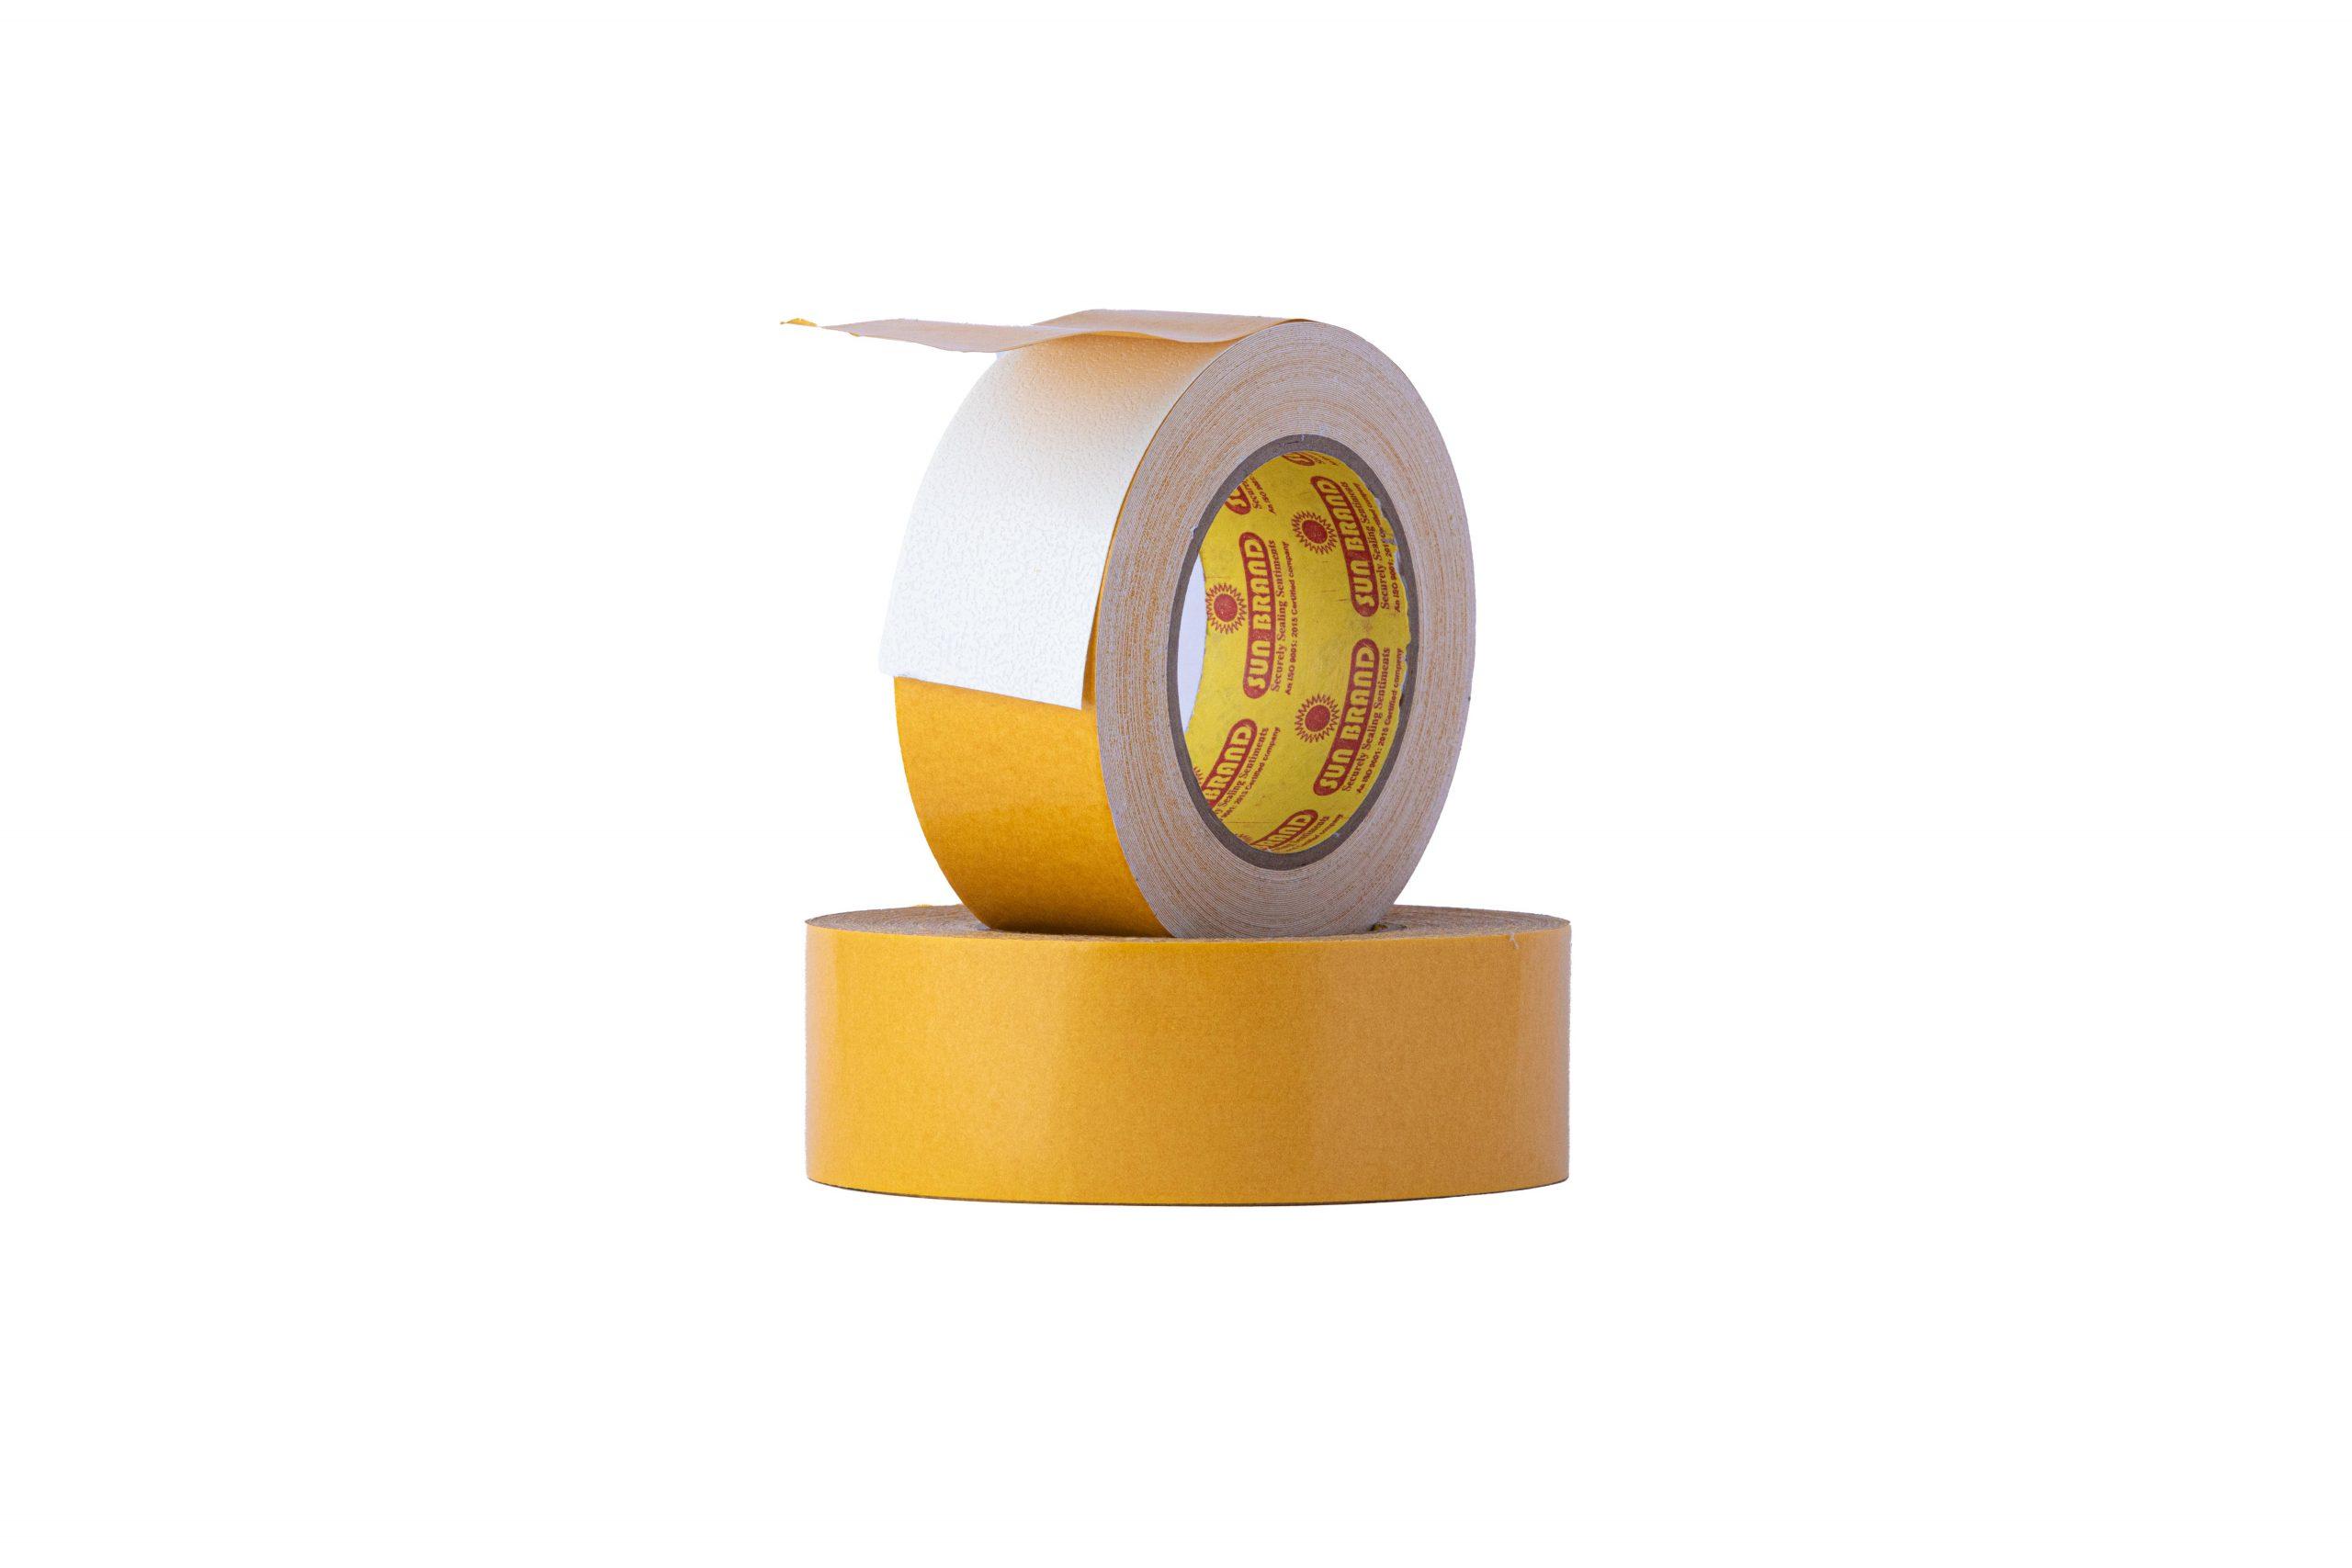 D/s Cotton Cloth Tape